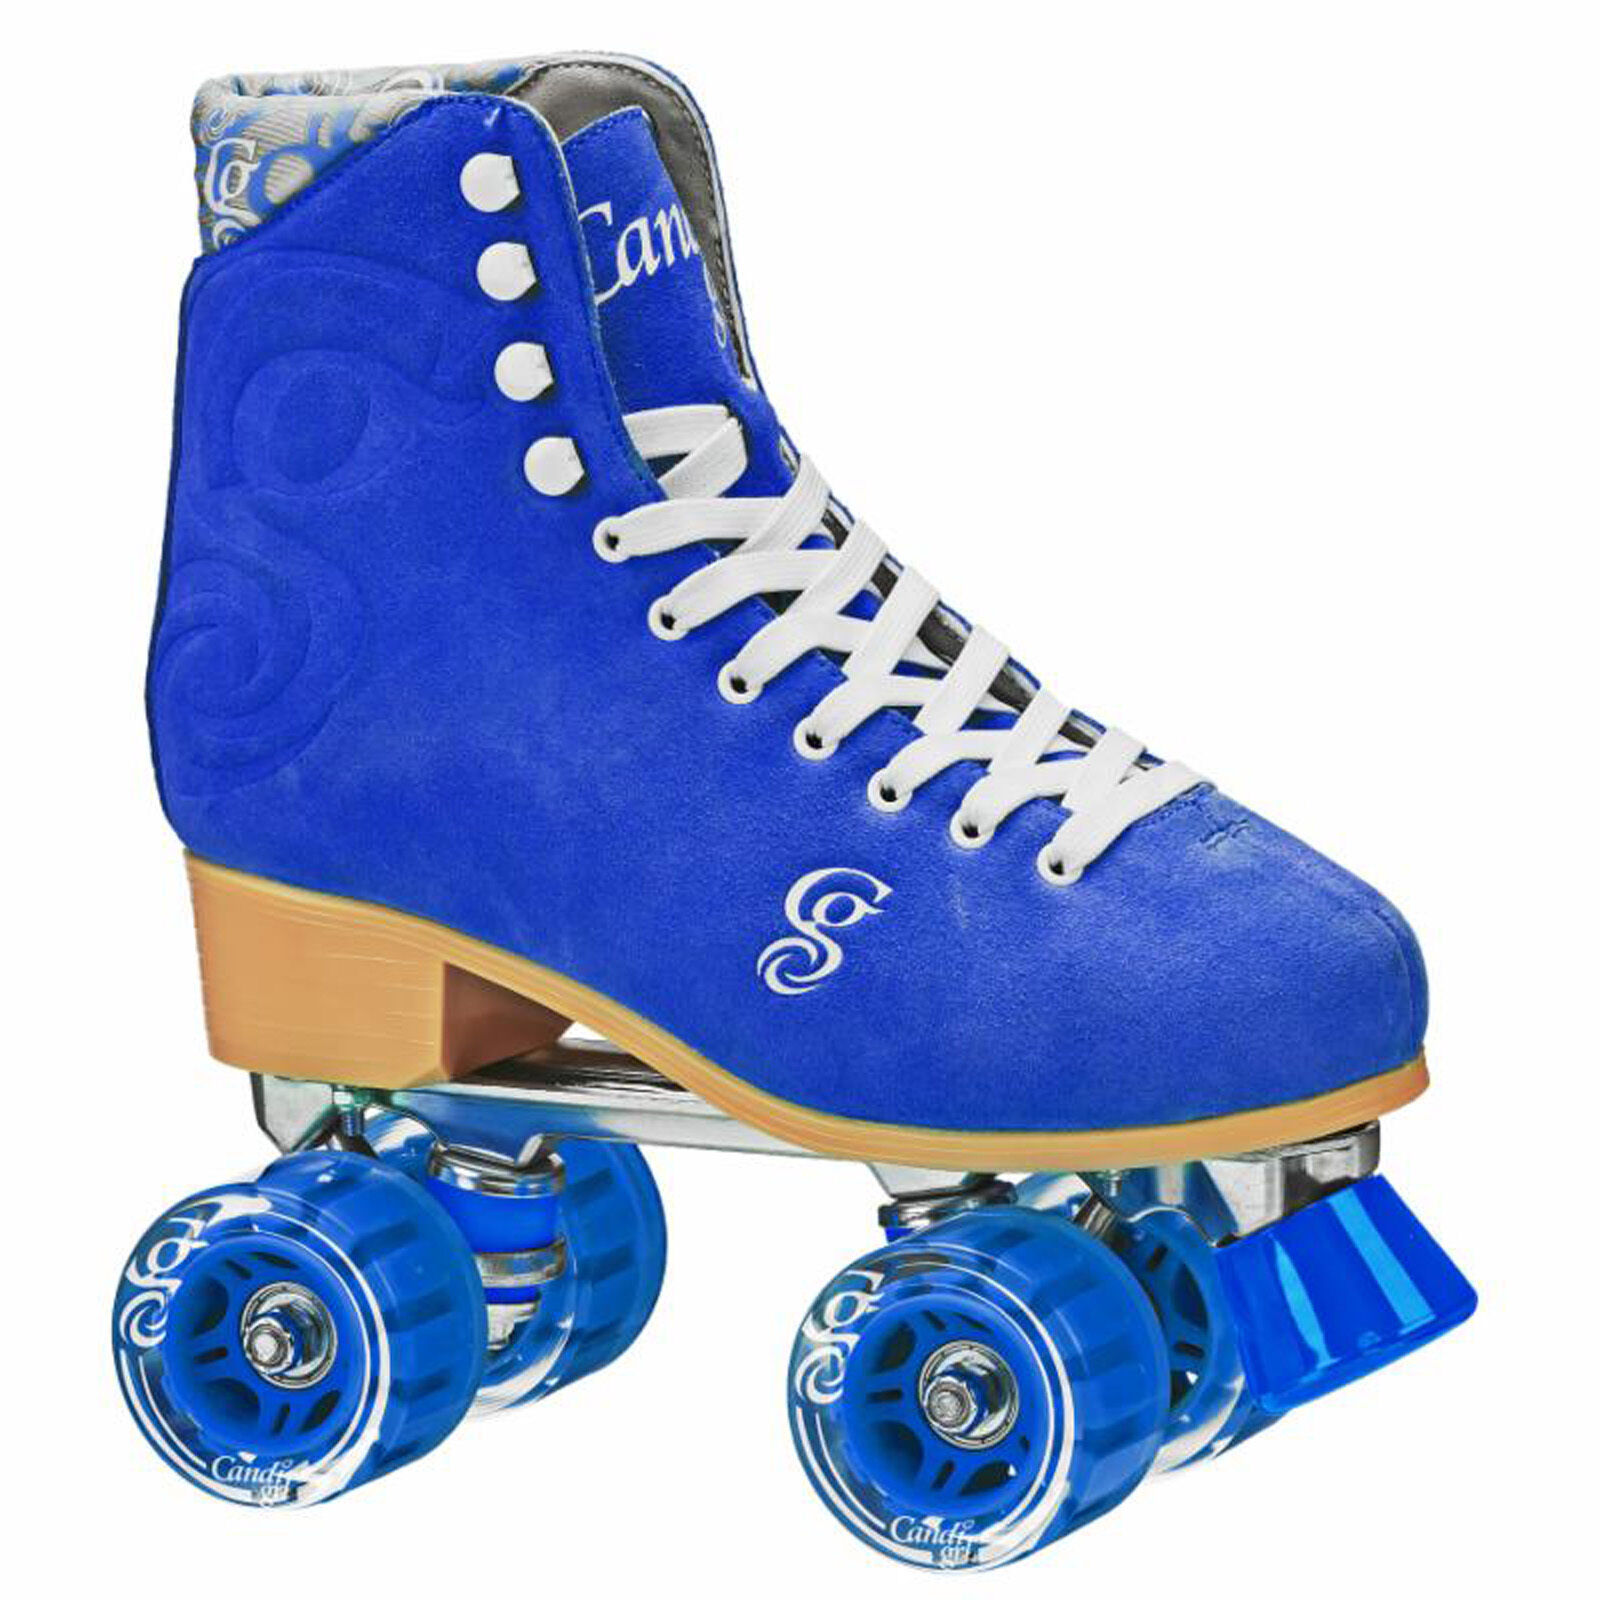 Nouveau Bleu Candi Fille Carlin Bleu Nouveau Patin à Roulette Filles Femmes Taille 3-11 2f7ecf